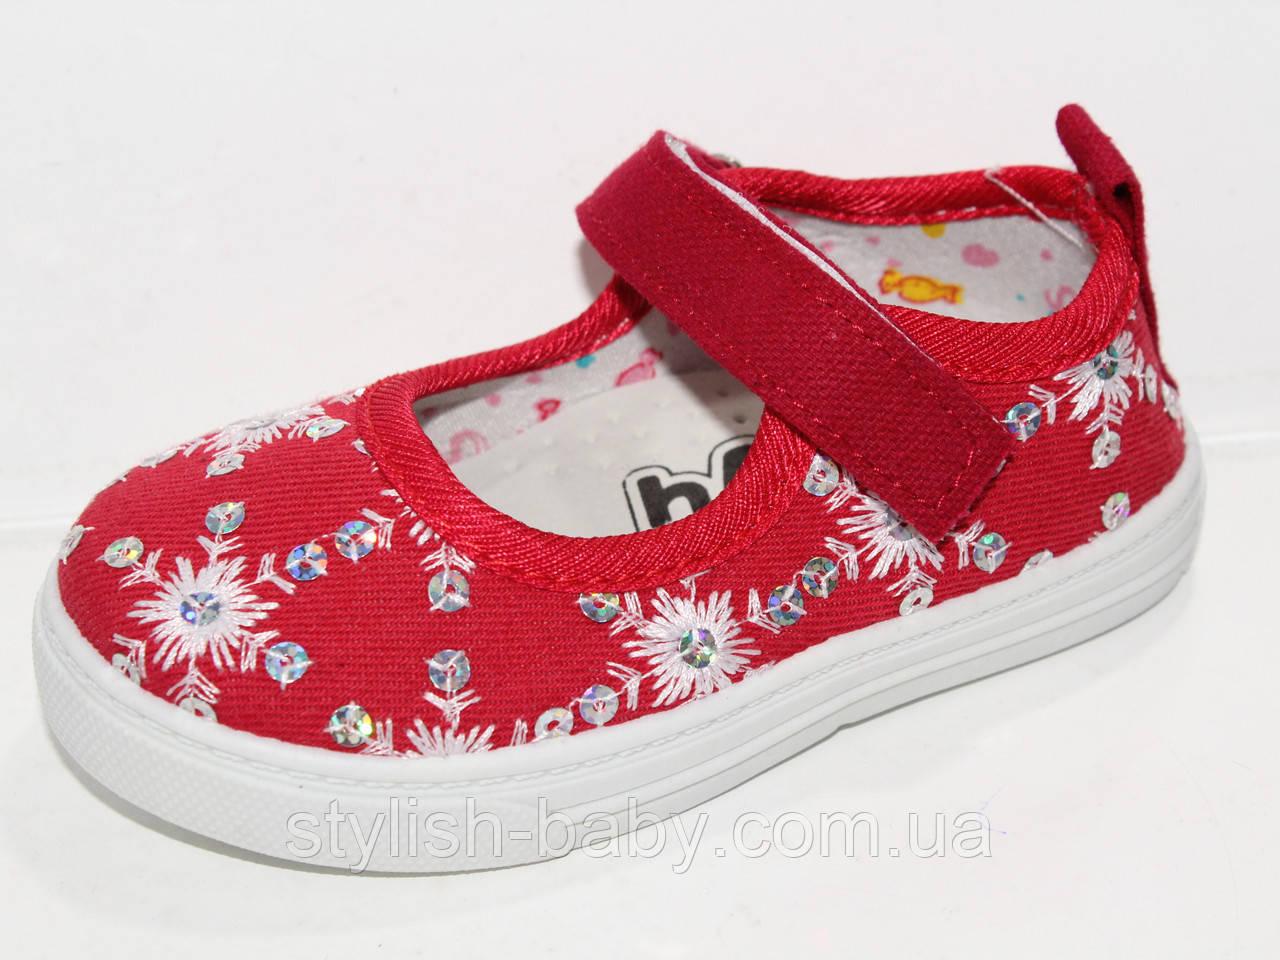 Детская спортивная обувь. Детские кеды бренда С.Луч для девочек (рр. с 20 по 25)